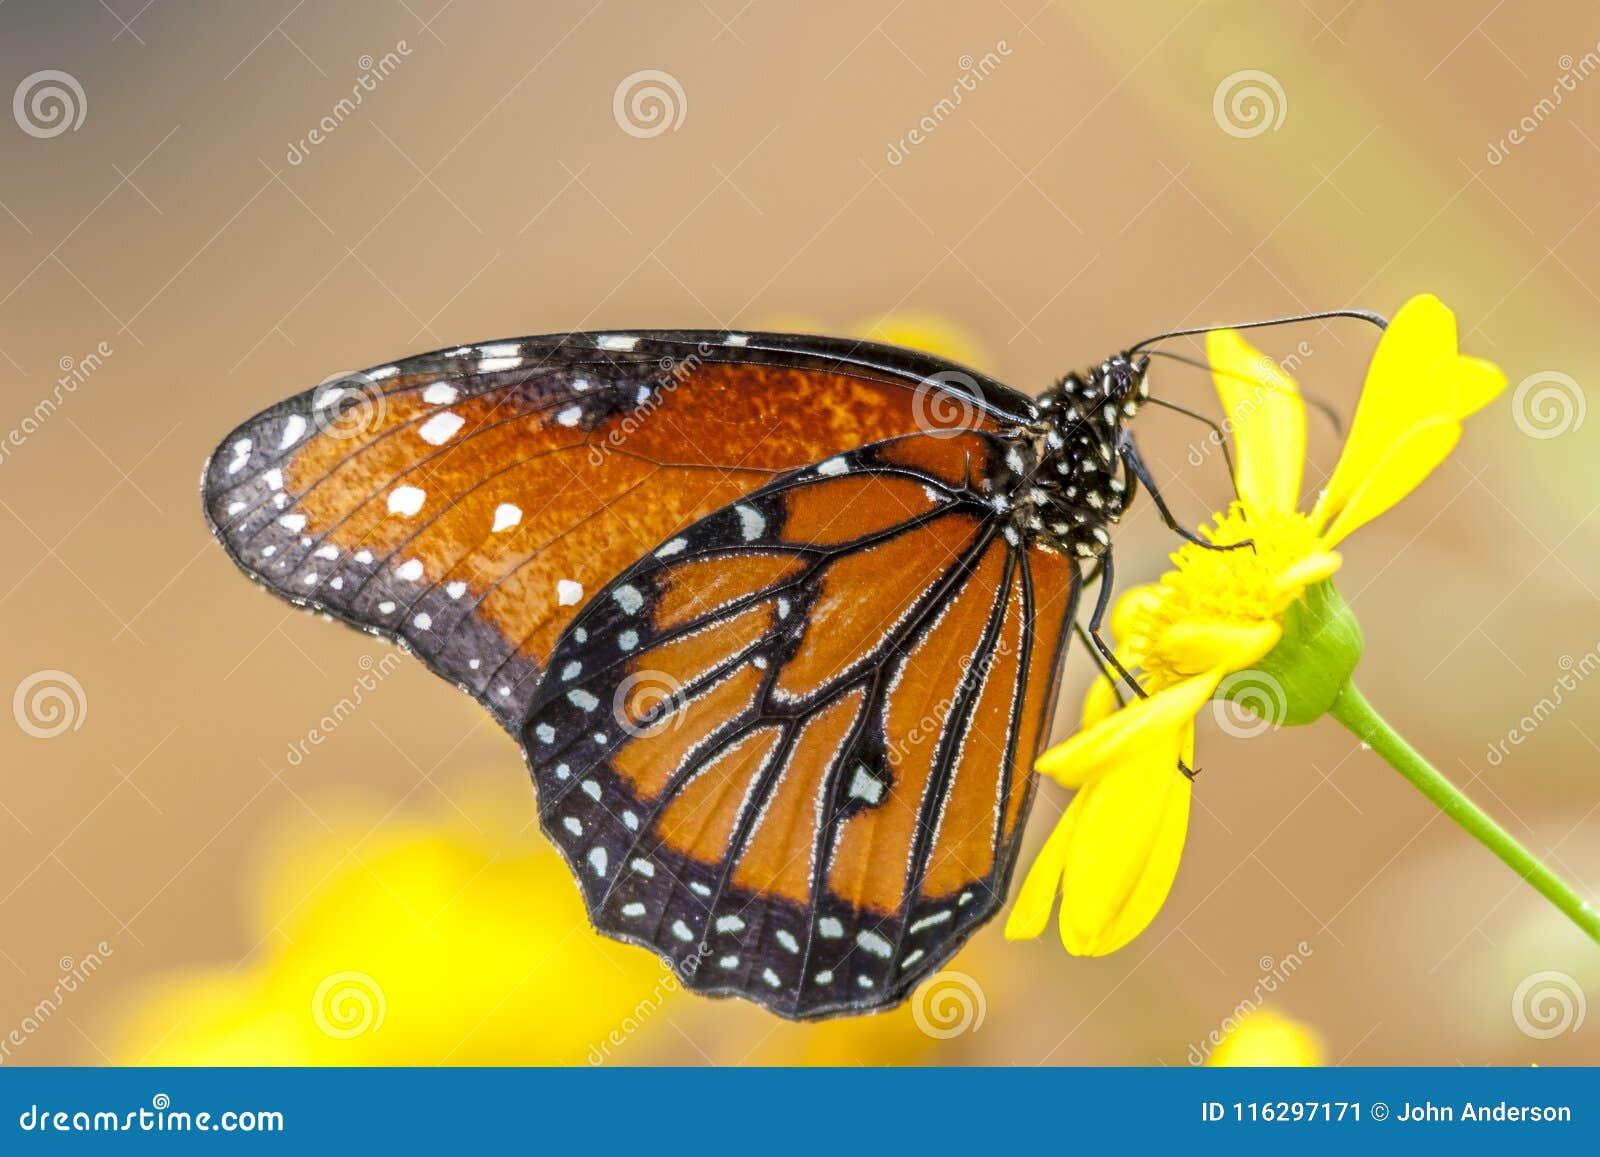 Monarch butterfly ,Danaus plexippus